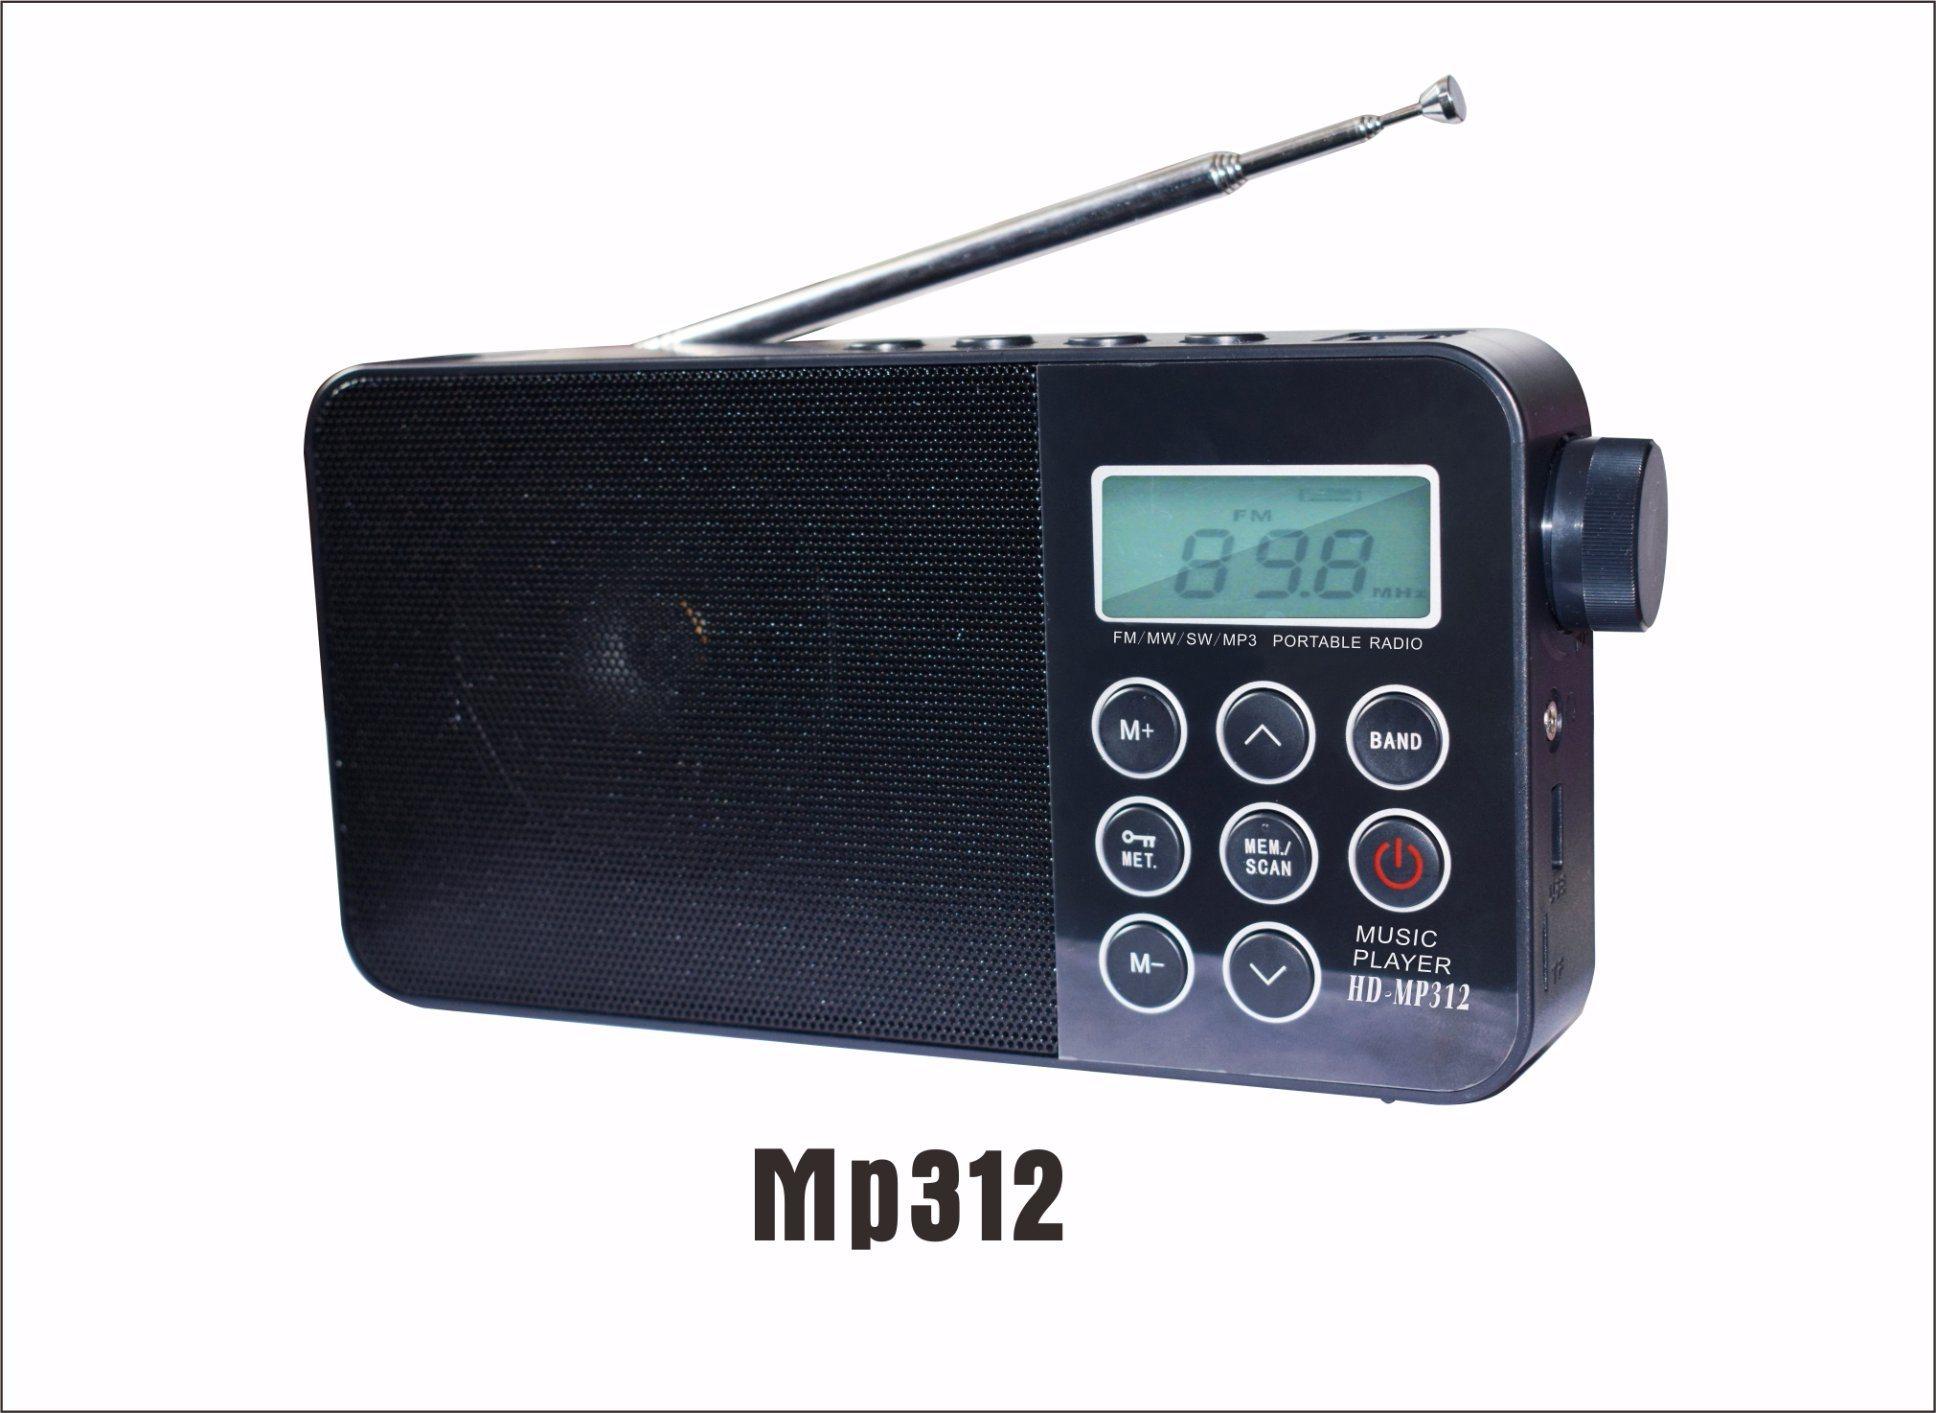 [Hot Item] Alarm Clock MP3 Indoor FM/Am Digital Alarm Radio (hurricane  season special)